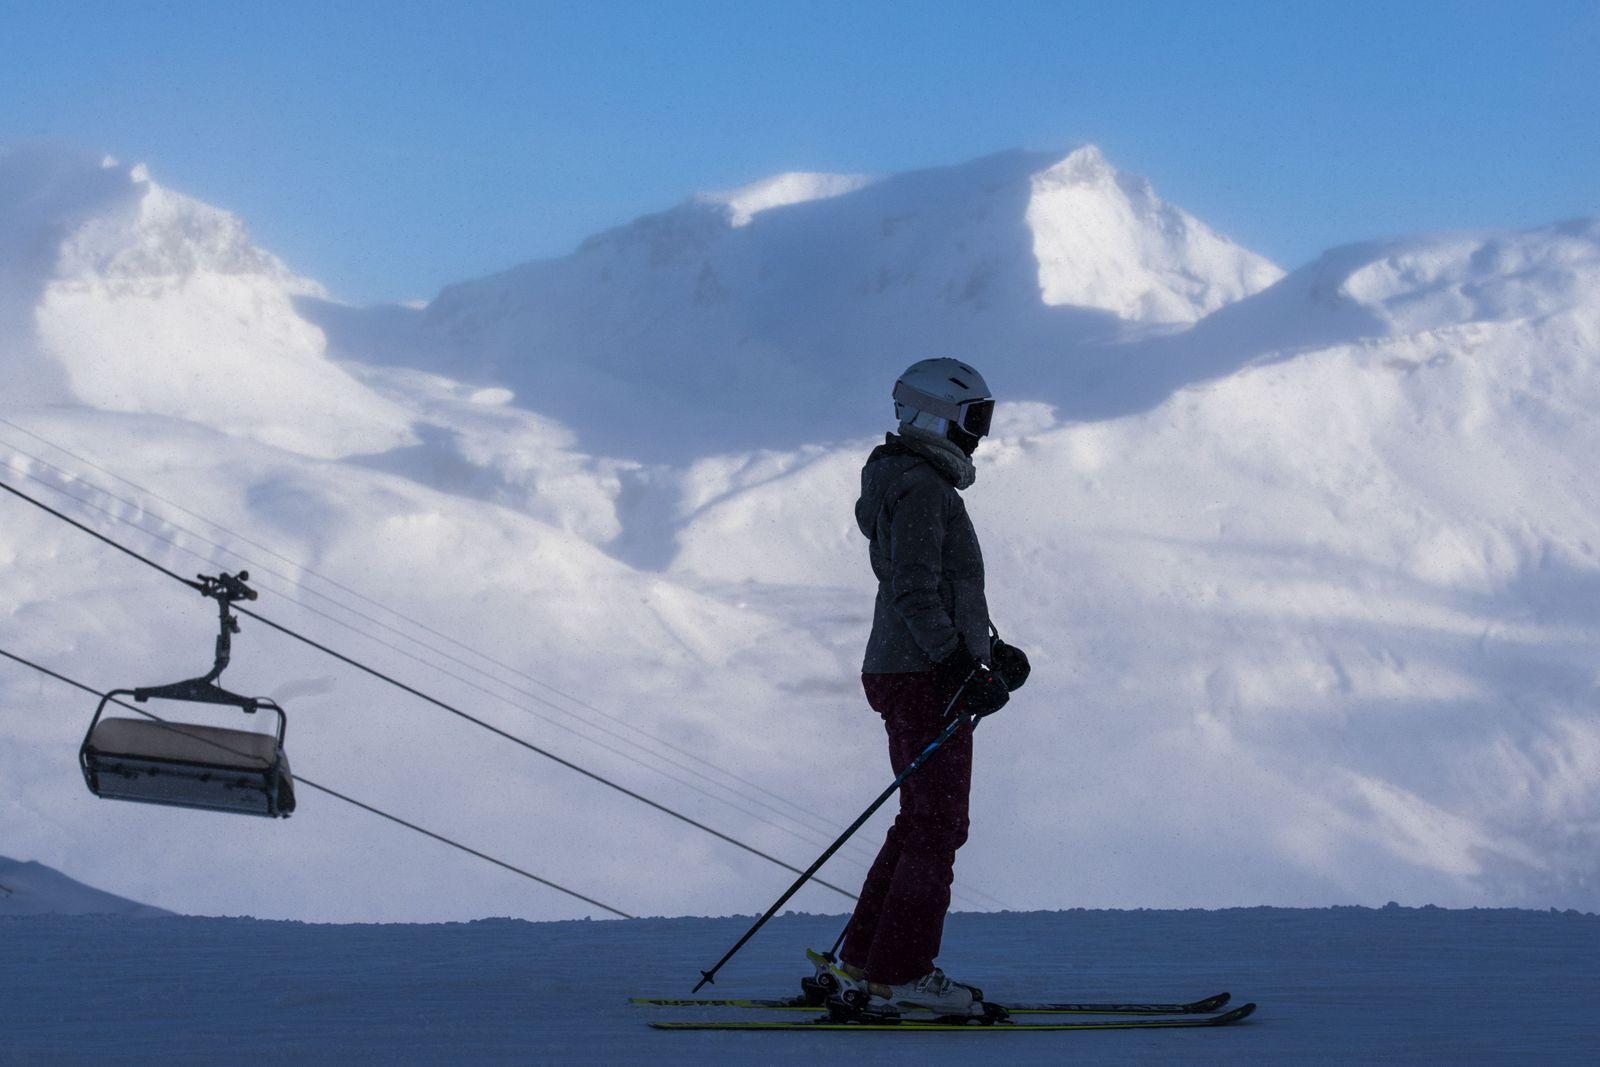 Skiers at the Flims Laax Falera ski area, Switzerland - 26 Dec 2020